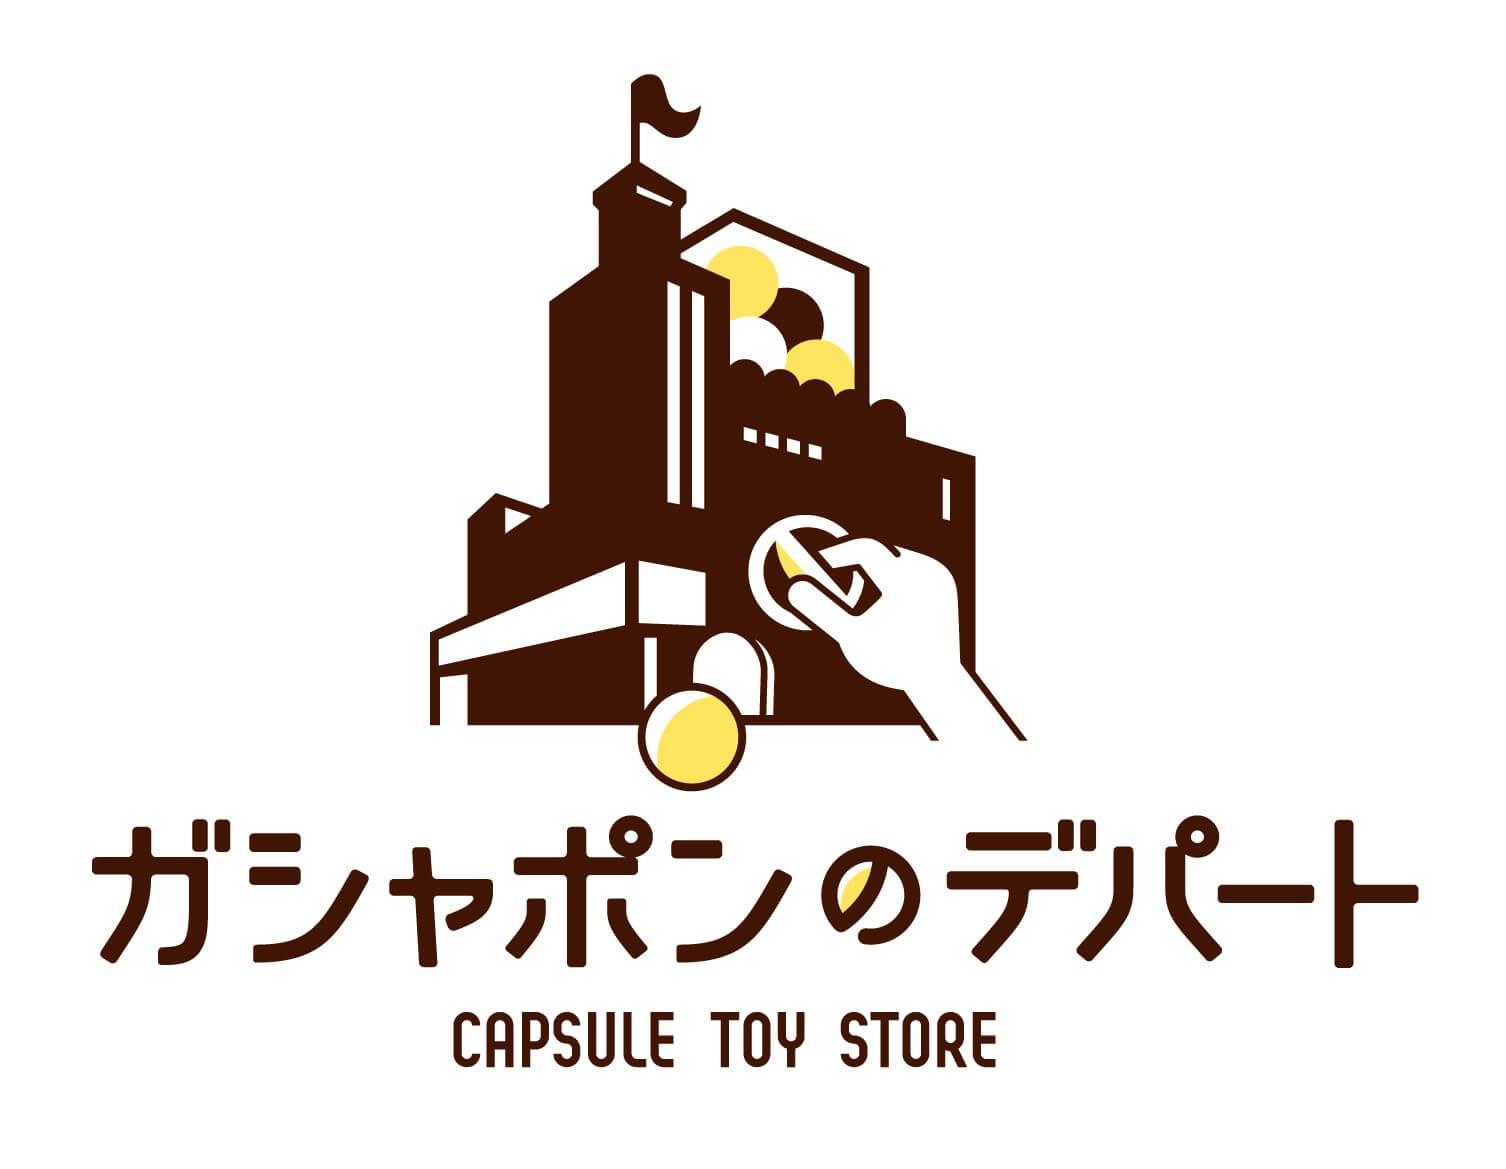 ガシャポンのデパートのロゴ